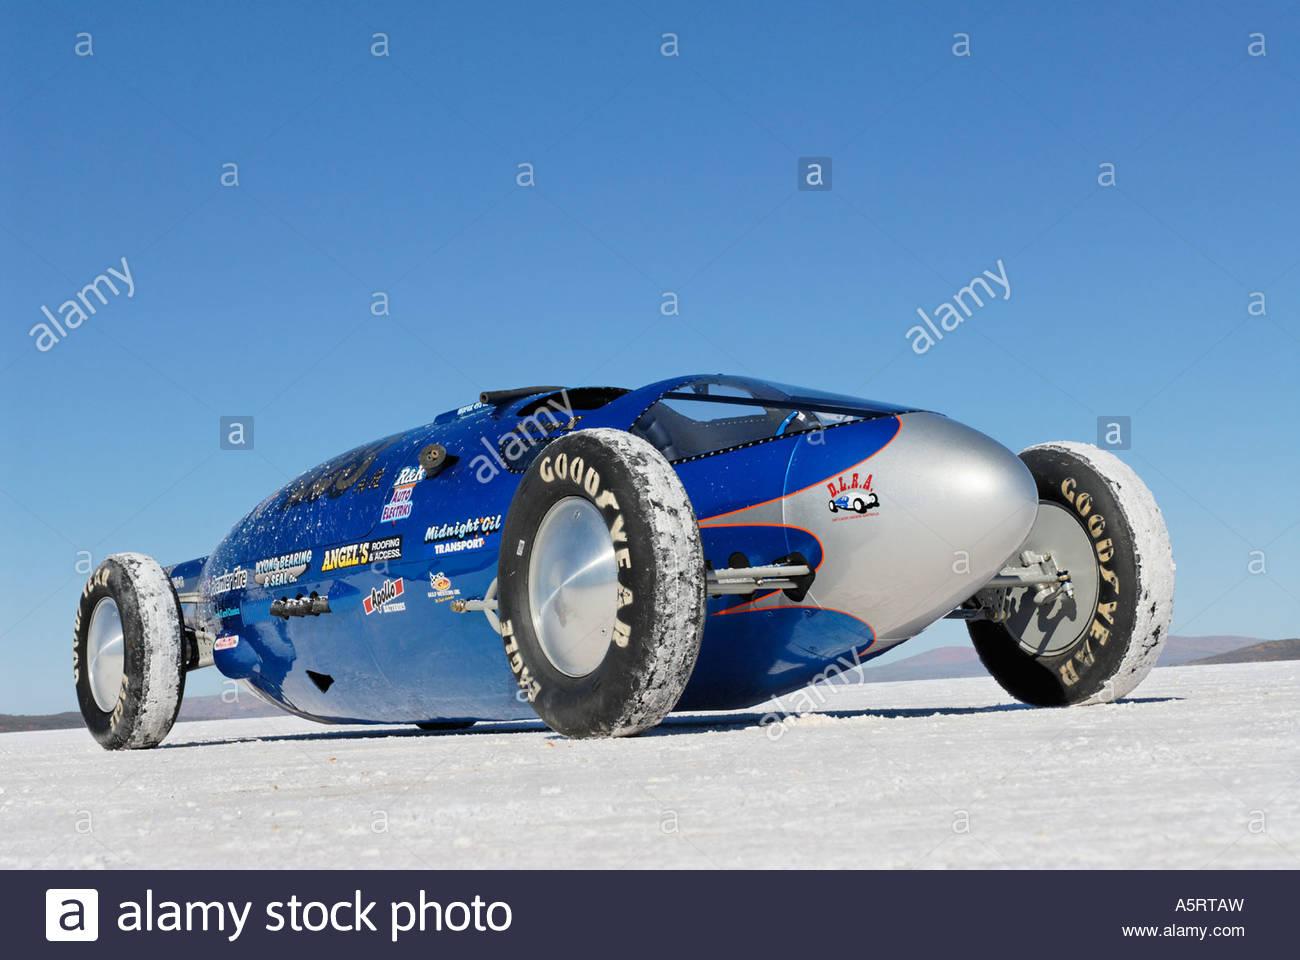 bellytank lakester racecar on the 'salt lake' Gairdner - Stock Image